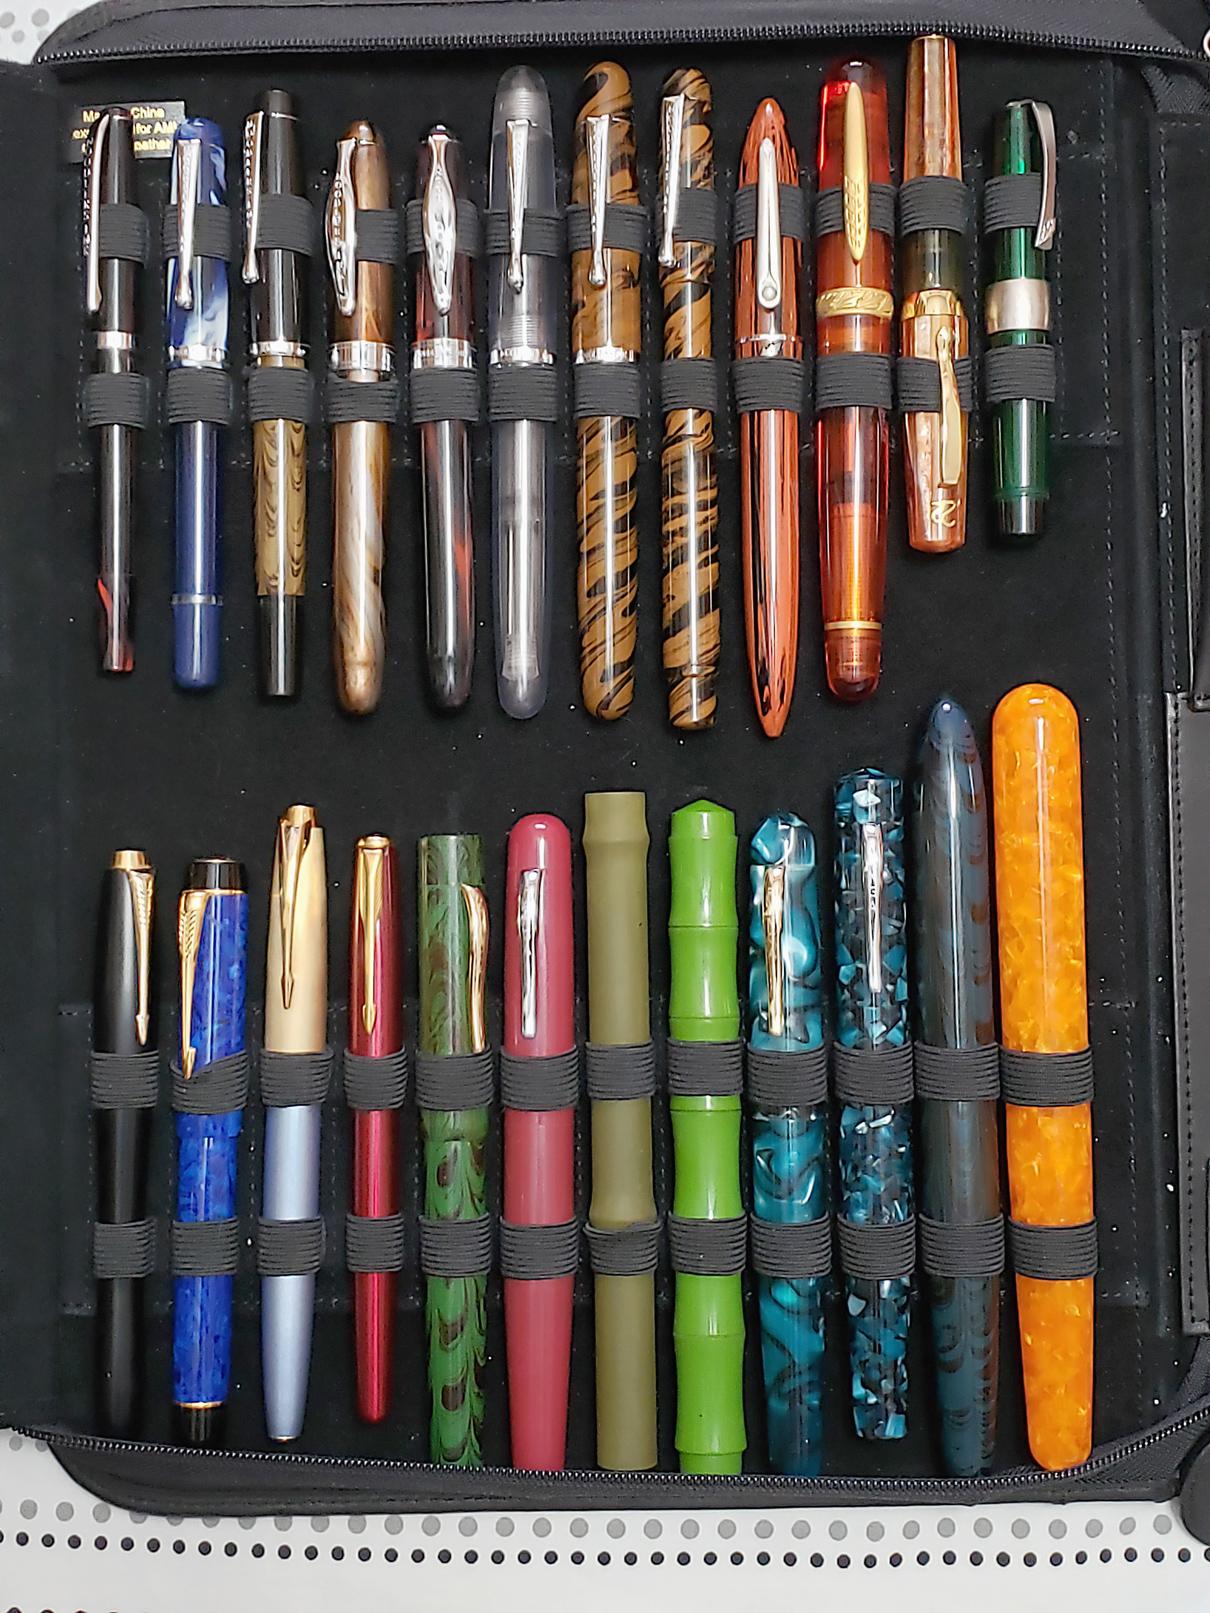 fpn_1580843173__pen_collection-2.jpg